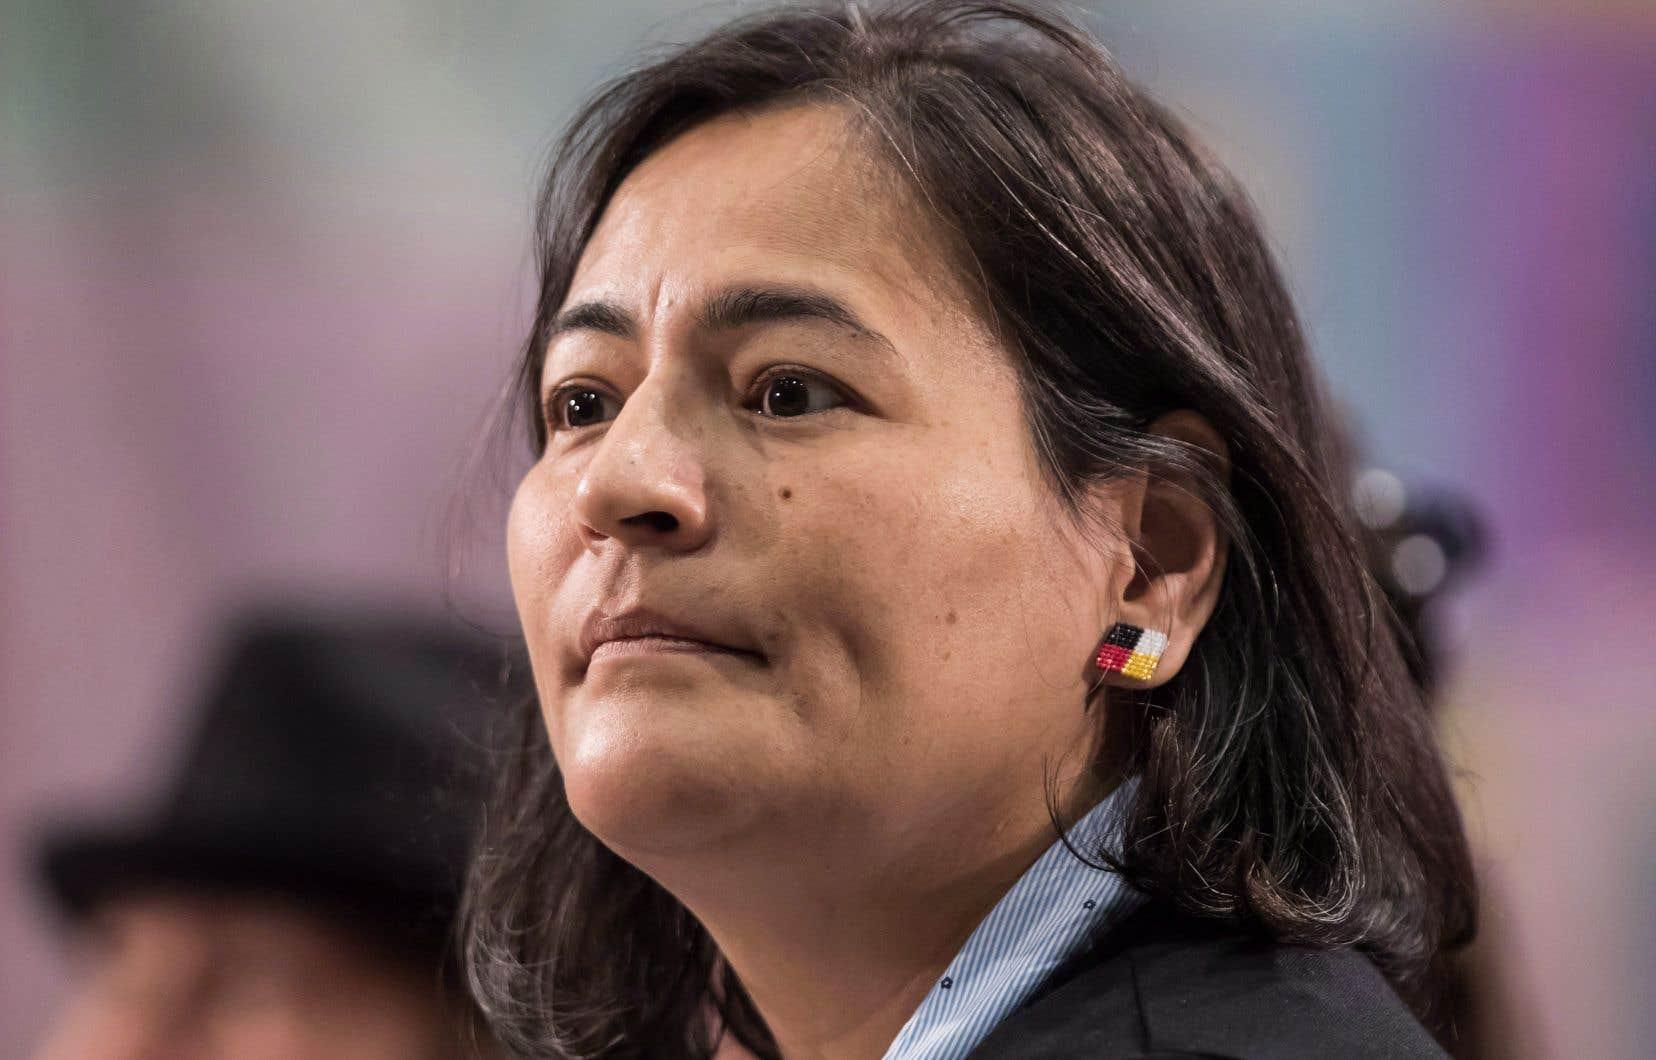 La militante des droits des femmes autochtones a exhorté les membres du comité à faire progresser le projet de loi.